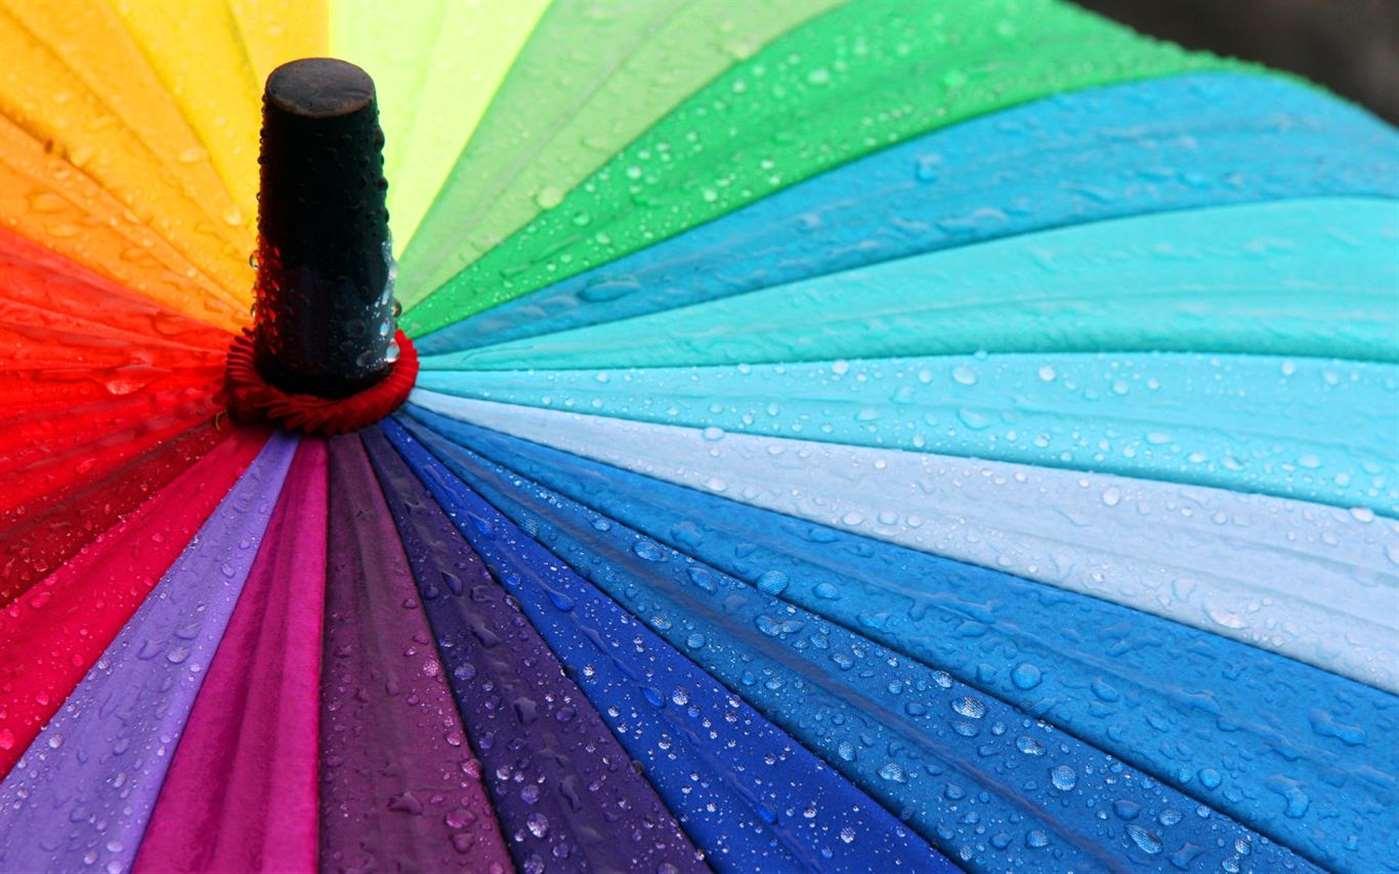 微软又发三款Win 10壁纸包:雨伞/滑雪/春天艺术的图片 第3张